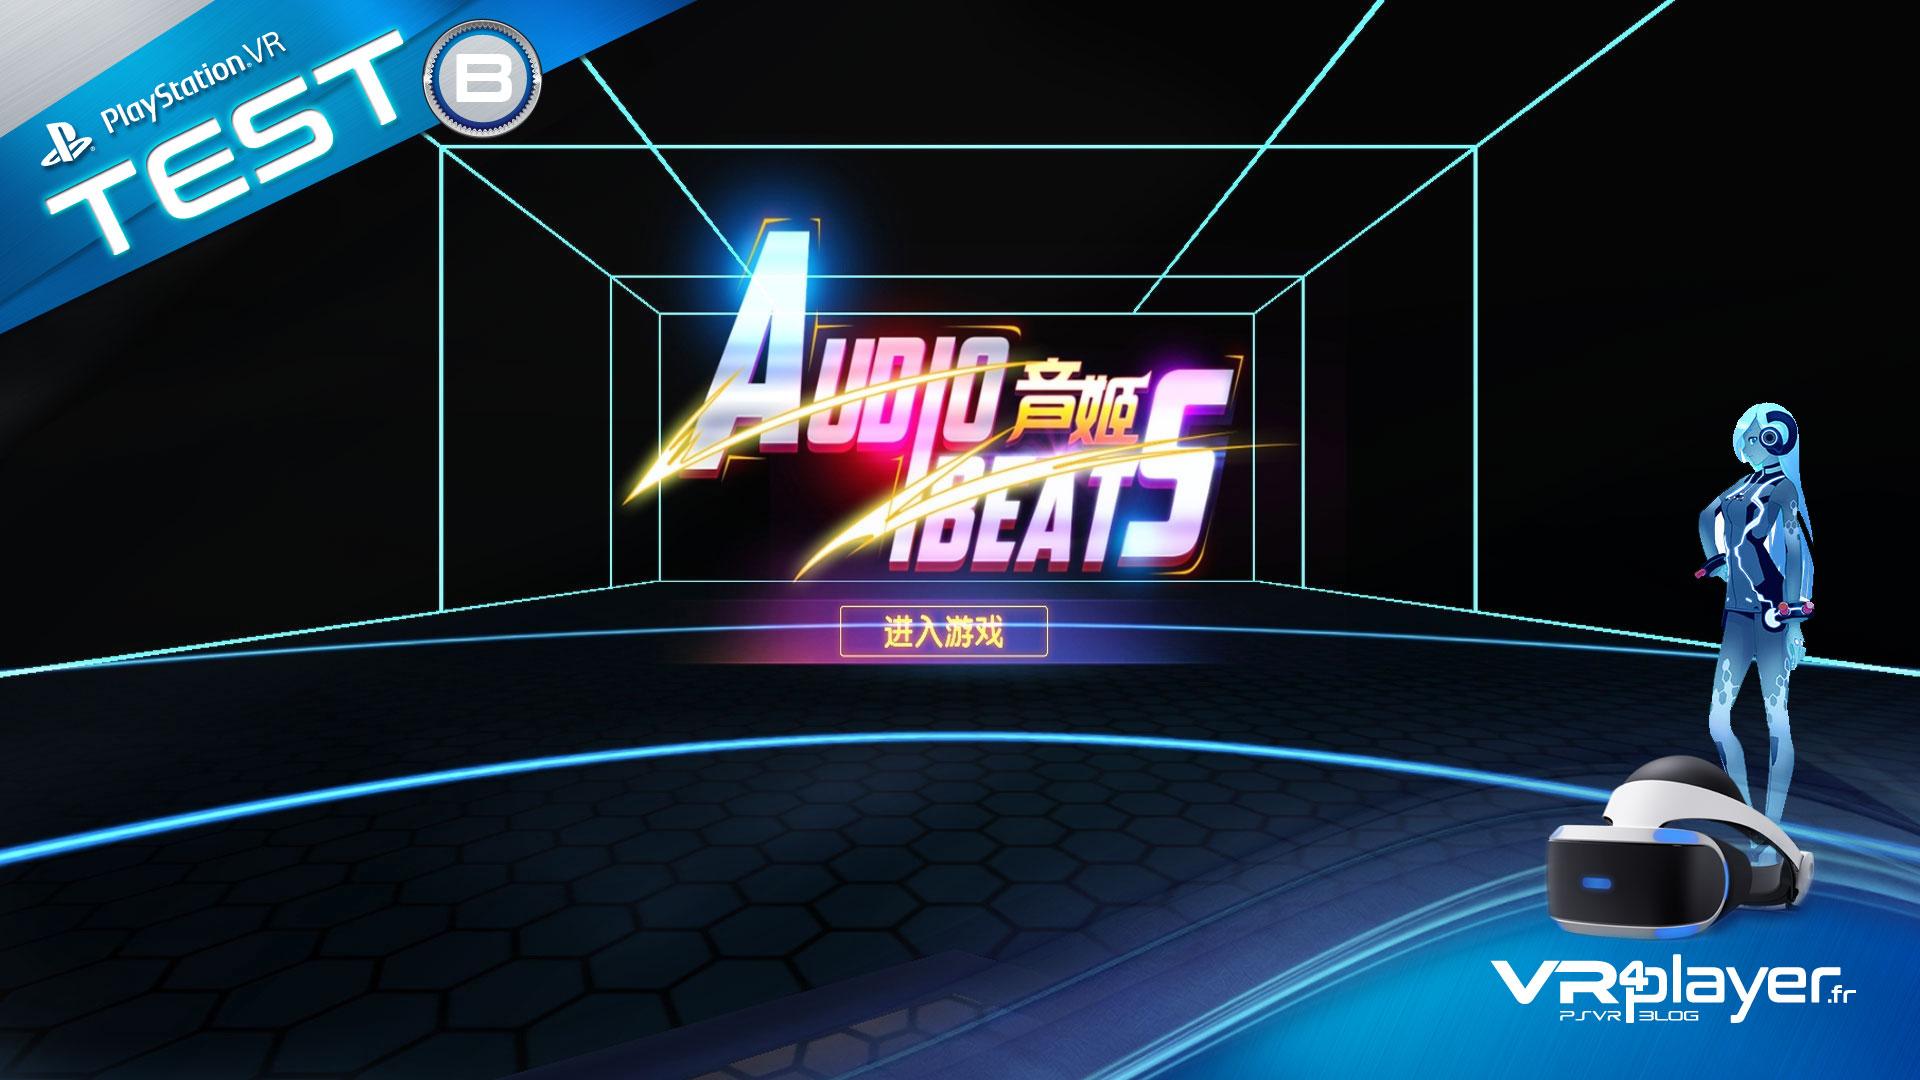 Beats Audio le test PSVR vr4player.fr